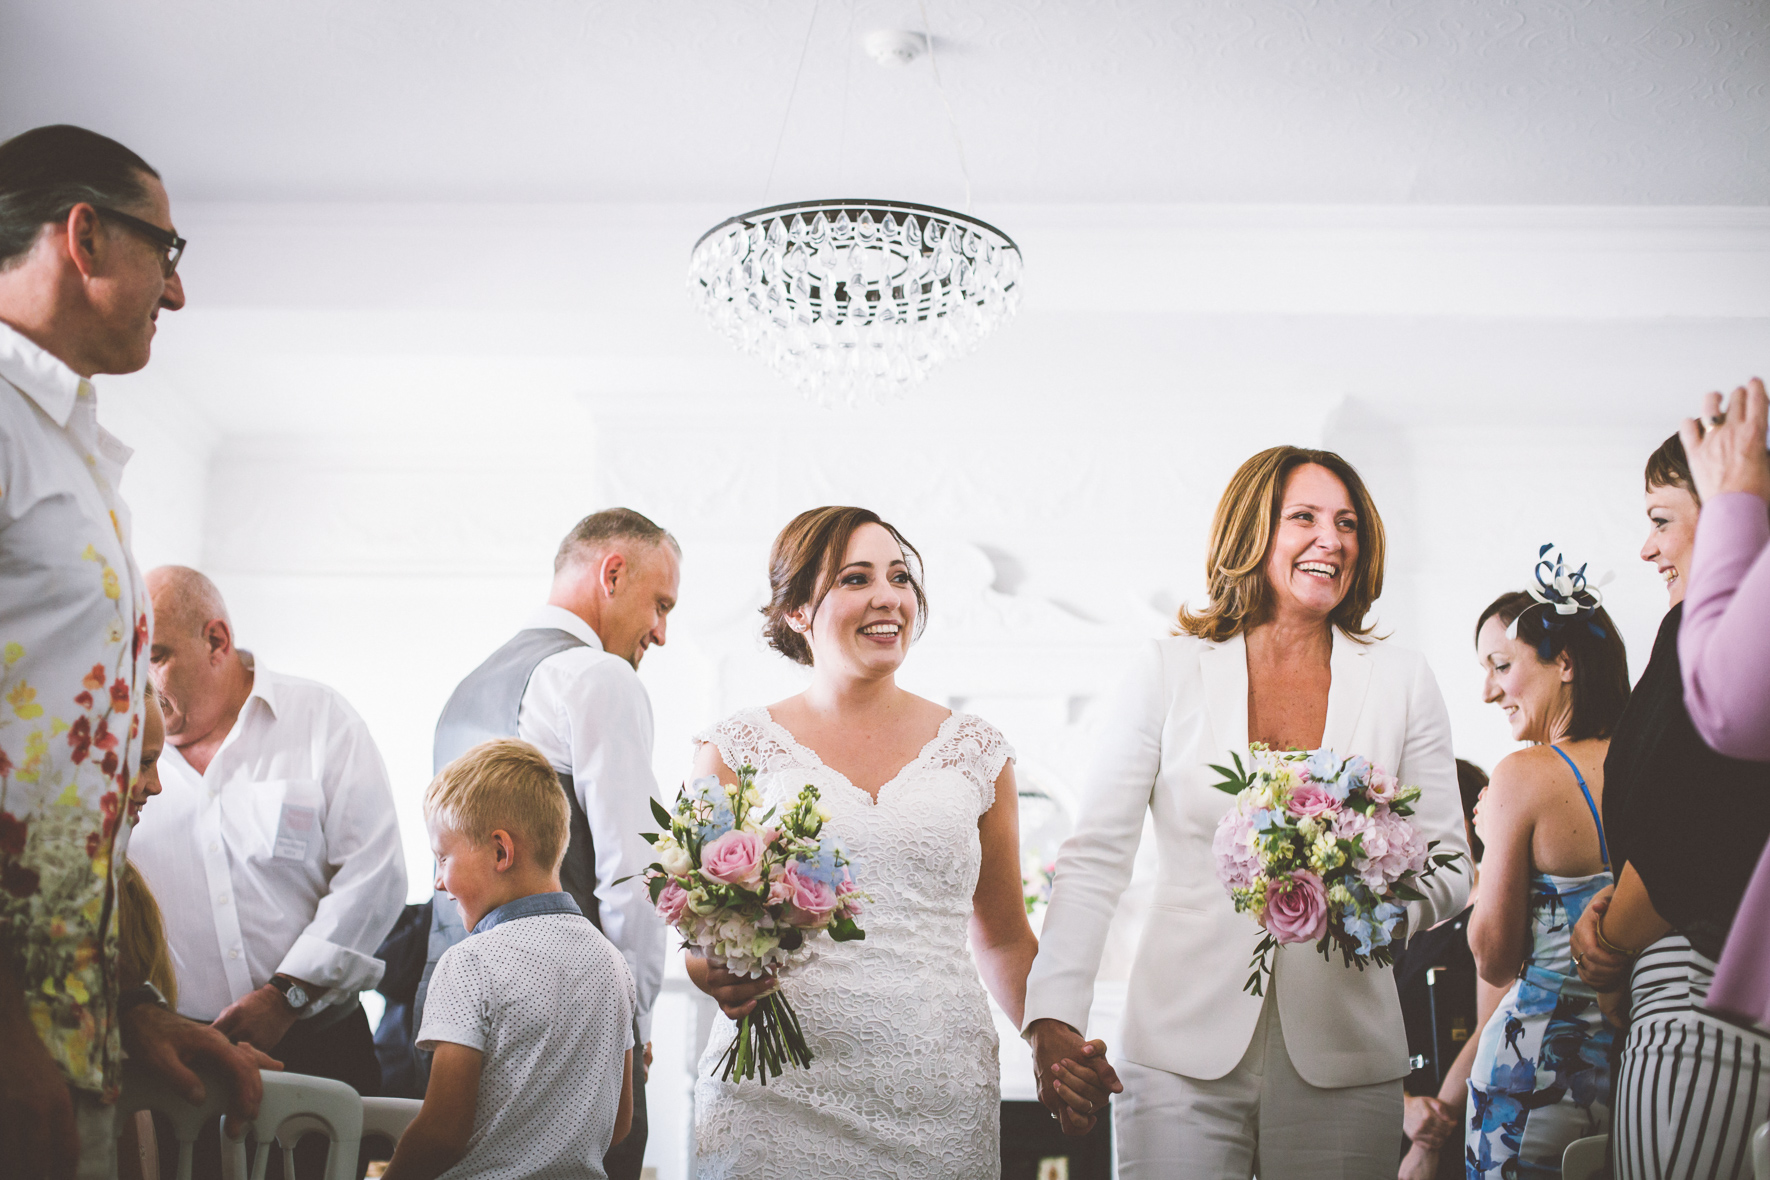 Gay Wedding Blog - same sex wedding uk